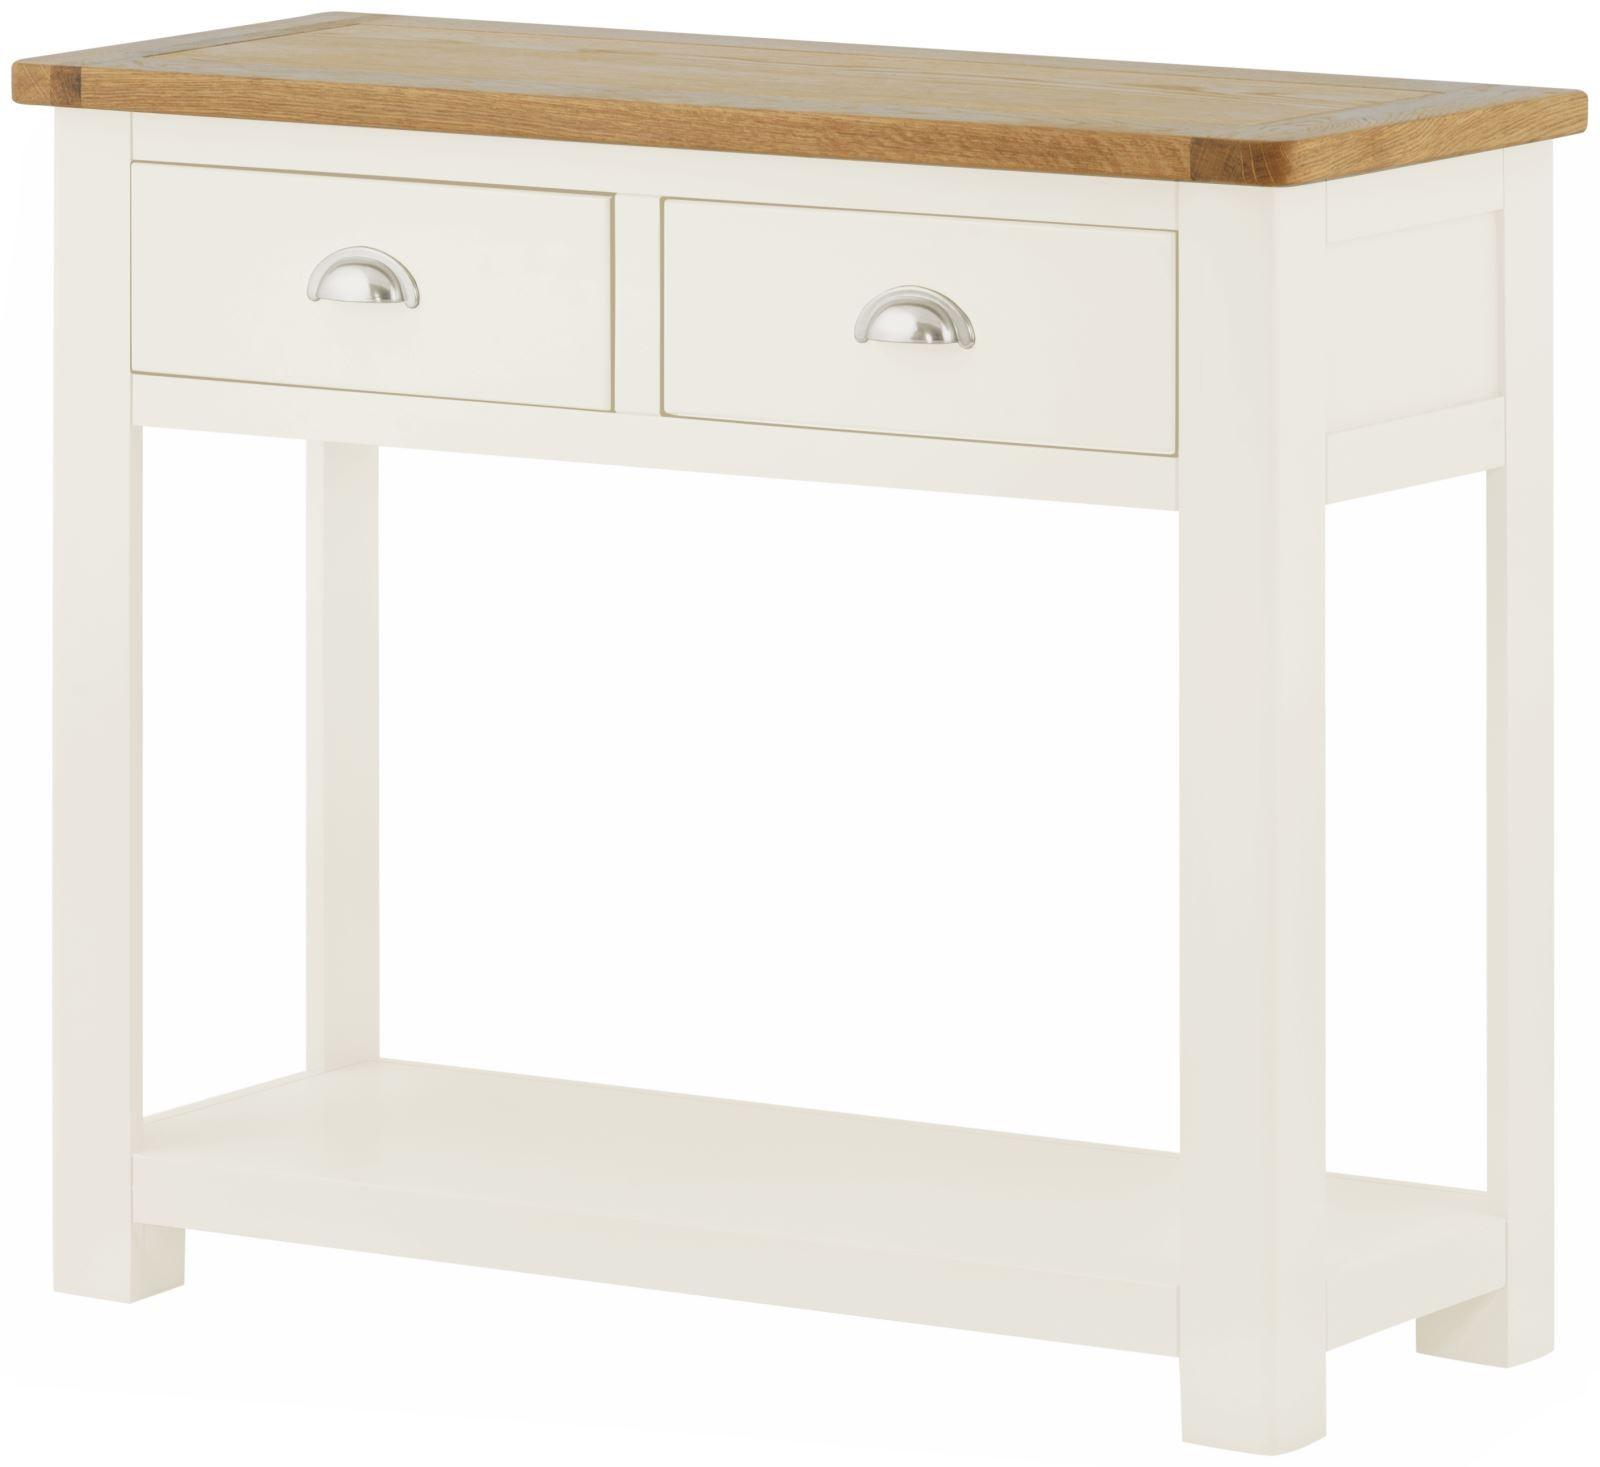 PRESTON 2 Drawer Console Table